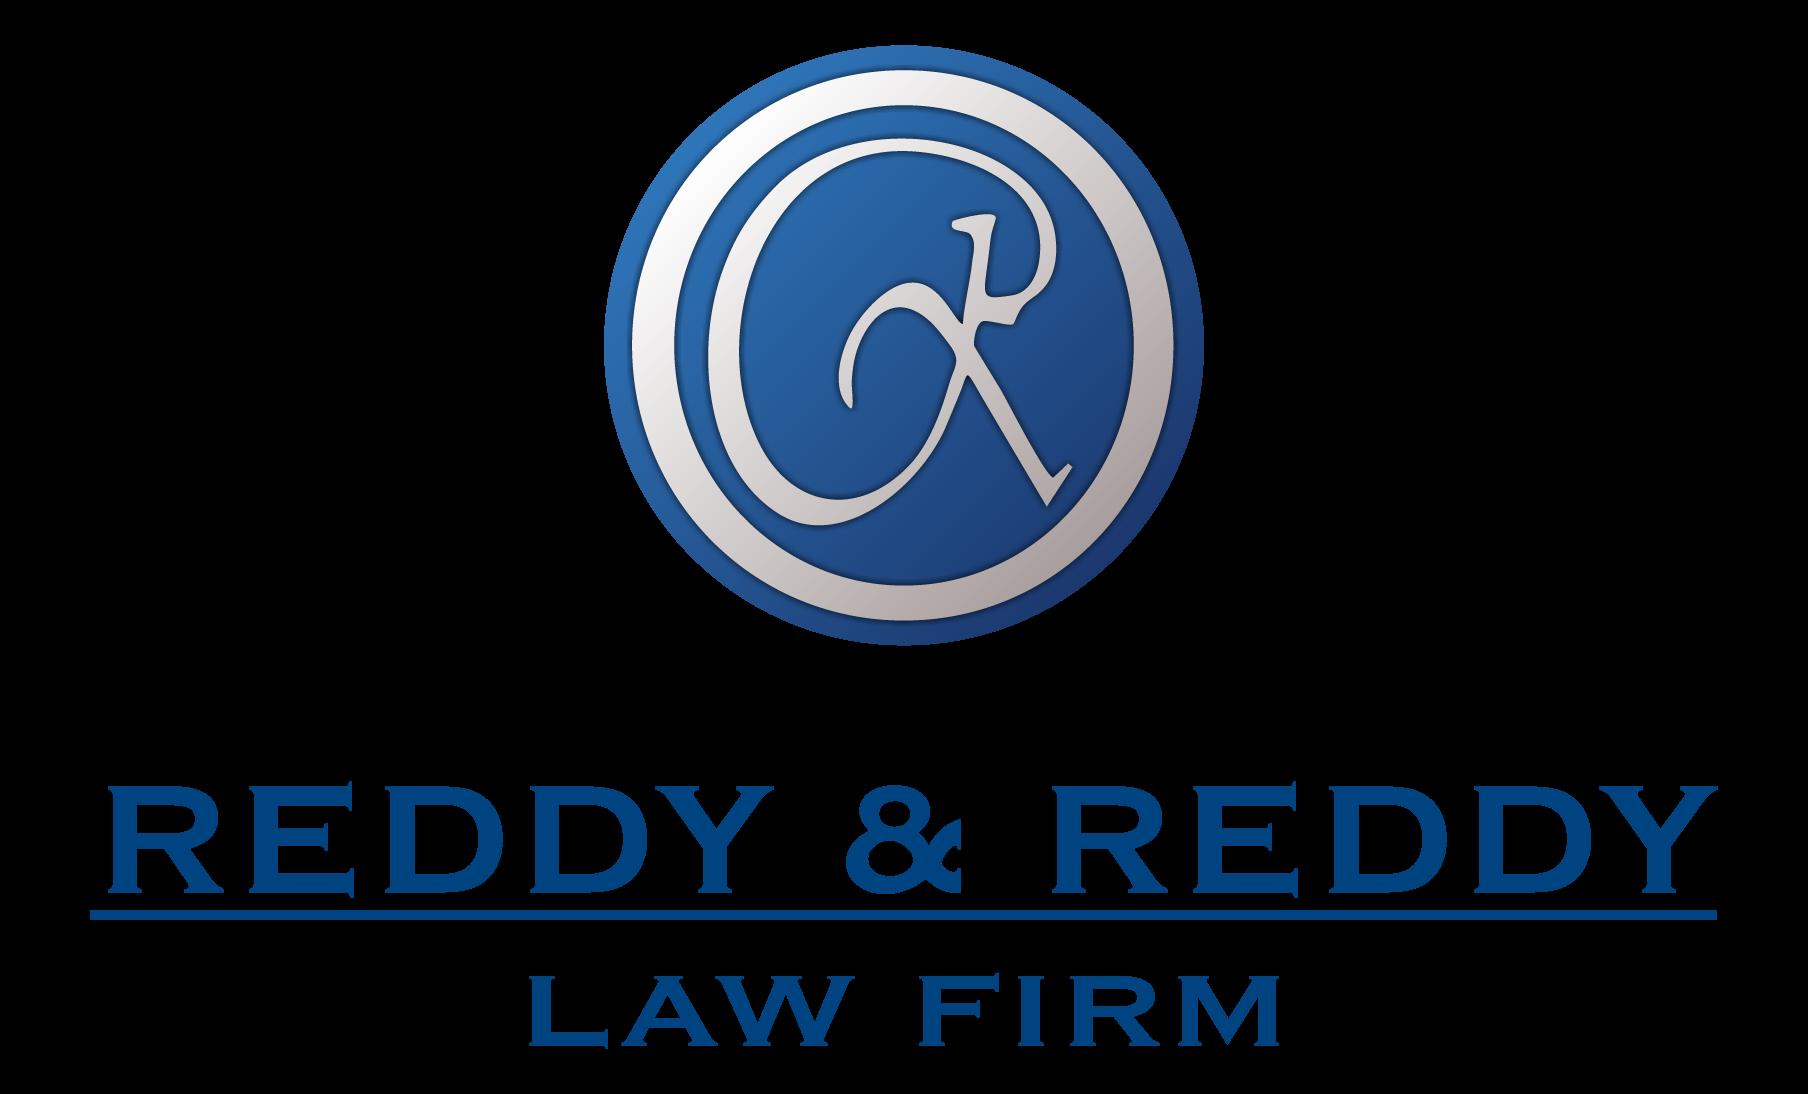 ReddyAndReddy